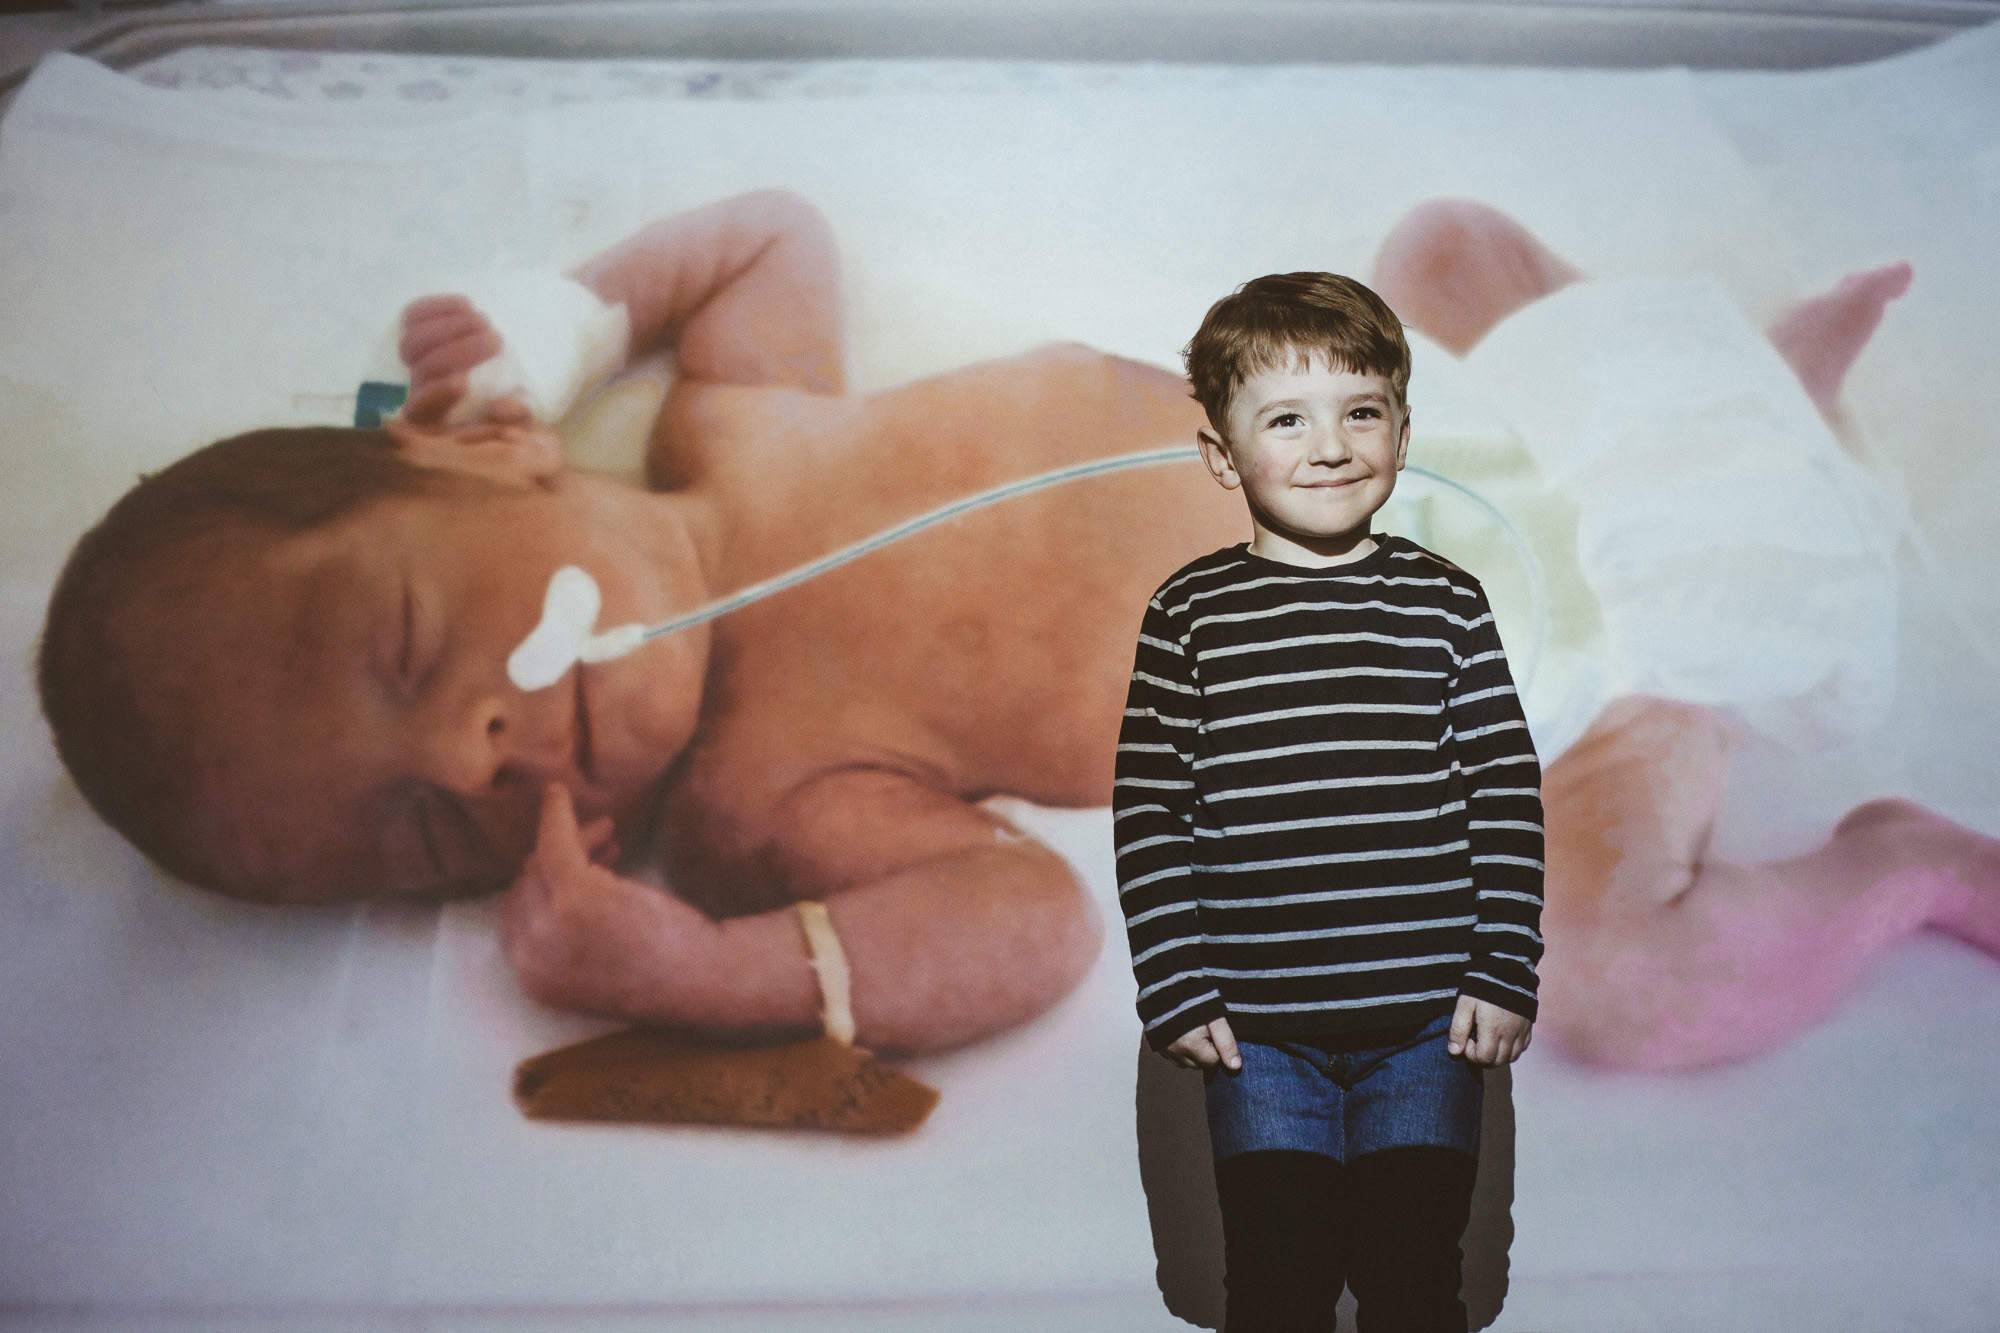 Первые и повторные роды: на какой неделе рожают? во сколько недель рожают ребенка